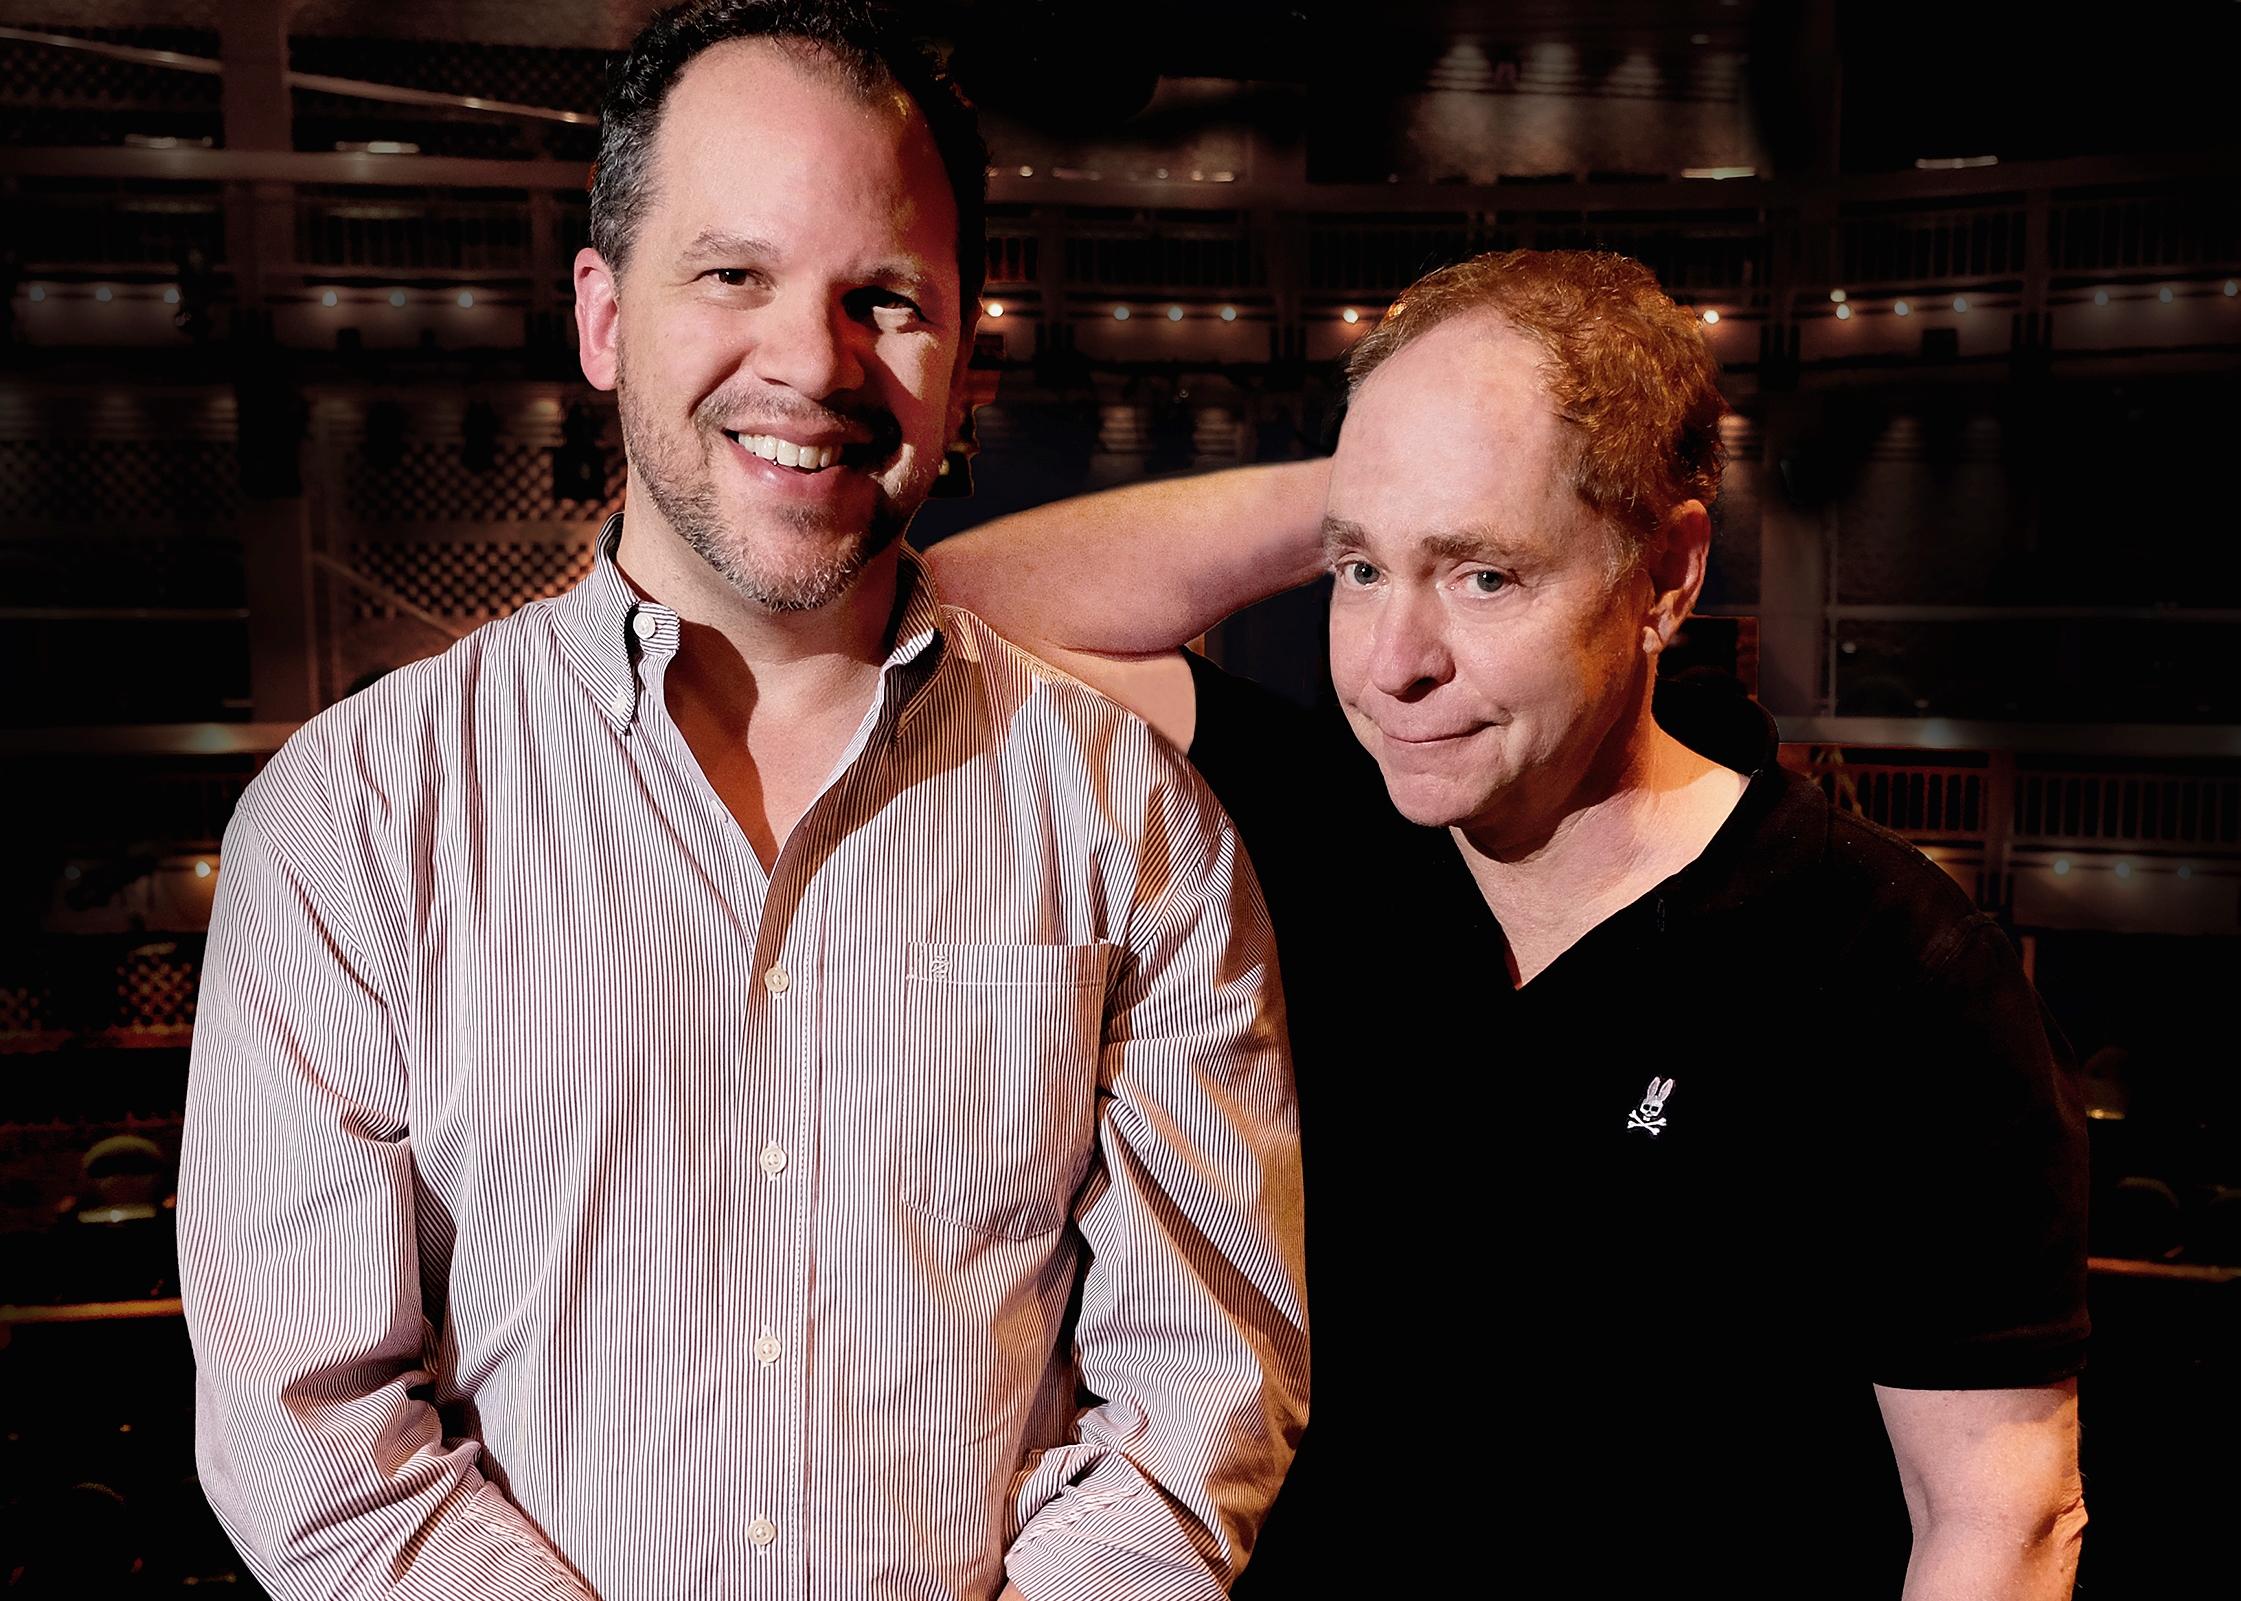 Directors Aaron Posner and Teller. Photo by Bill Burlingham